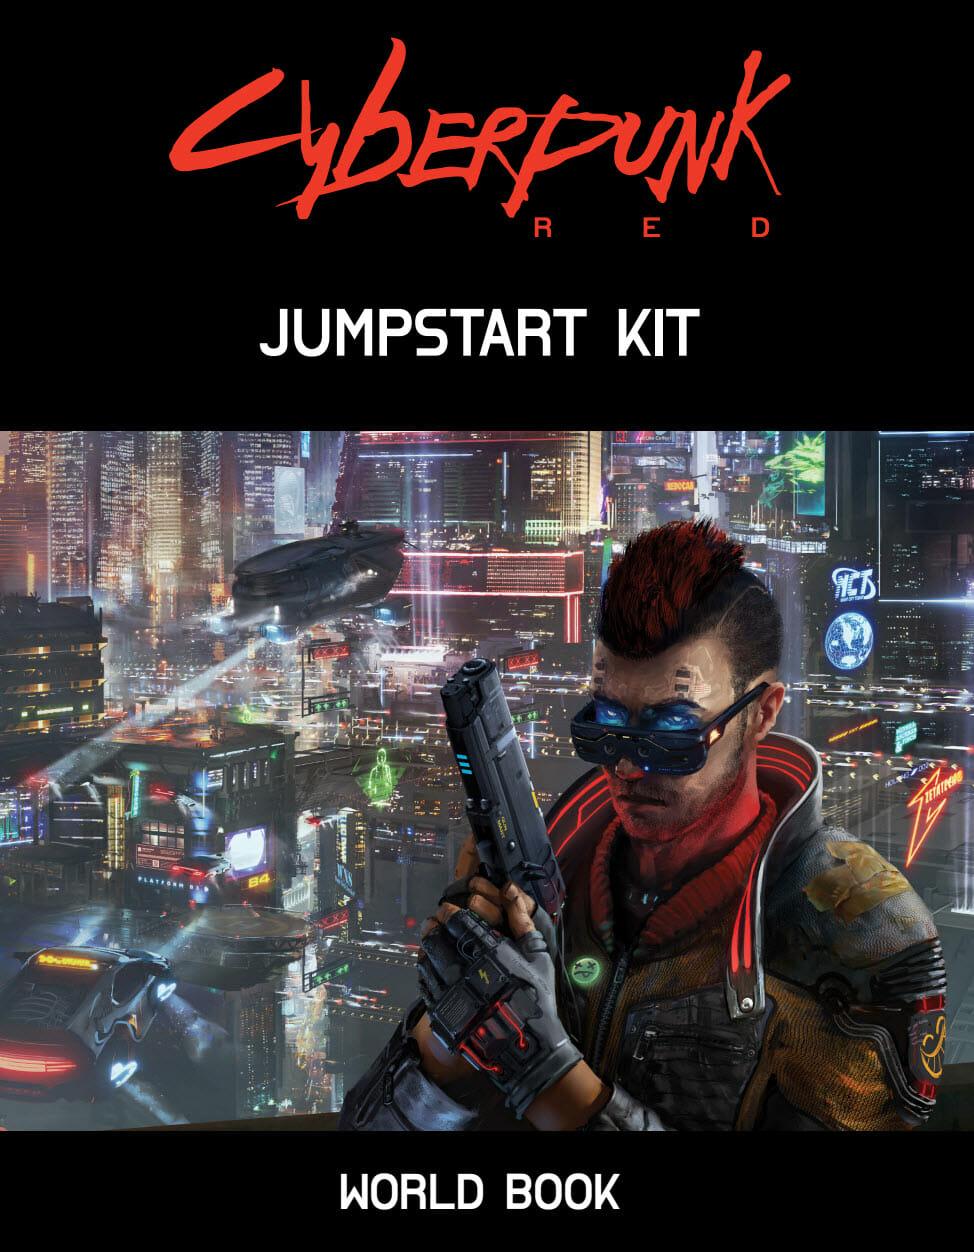 Cyberpunk Red Jumpstart